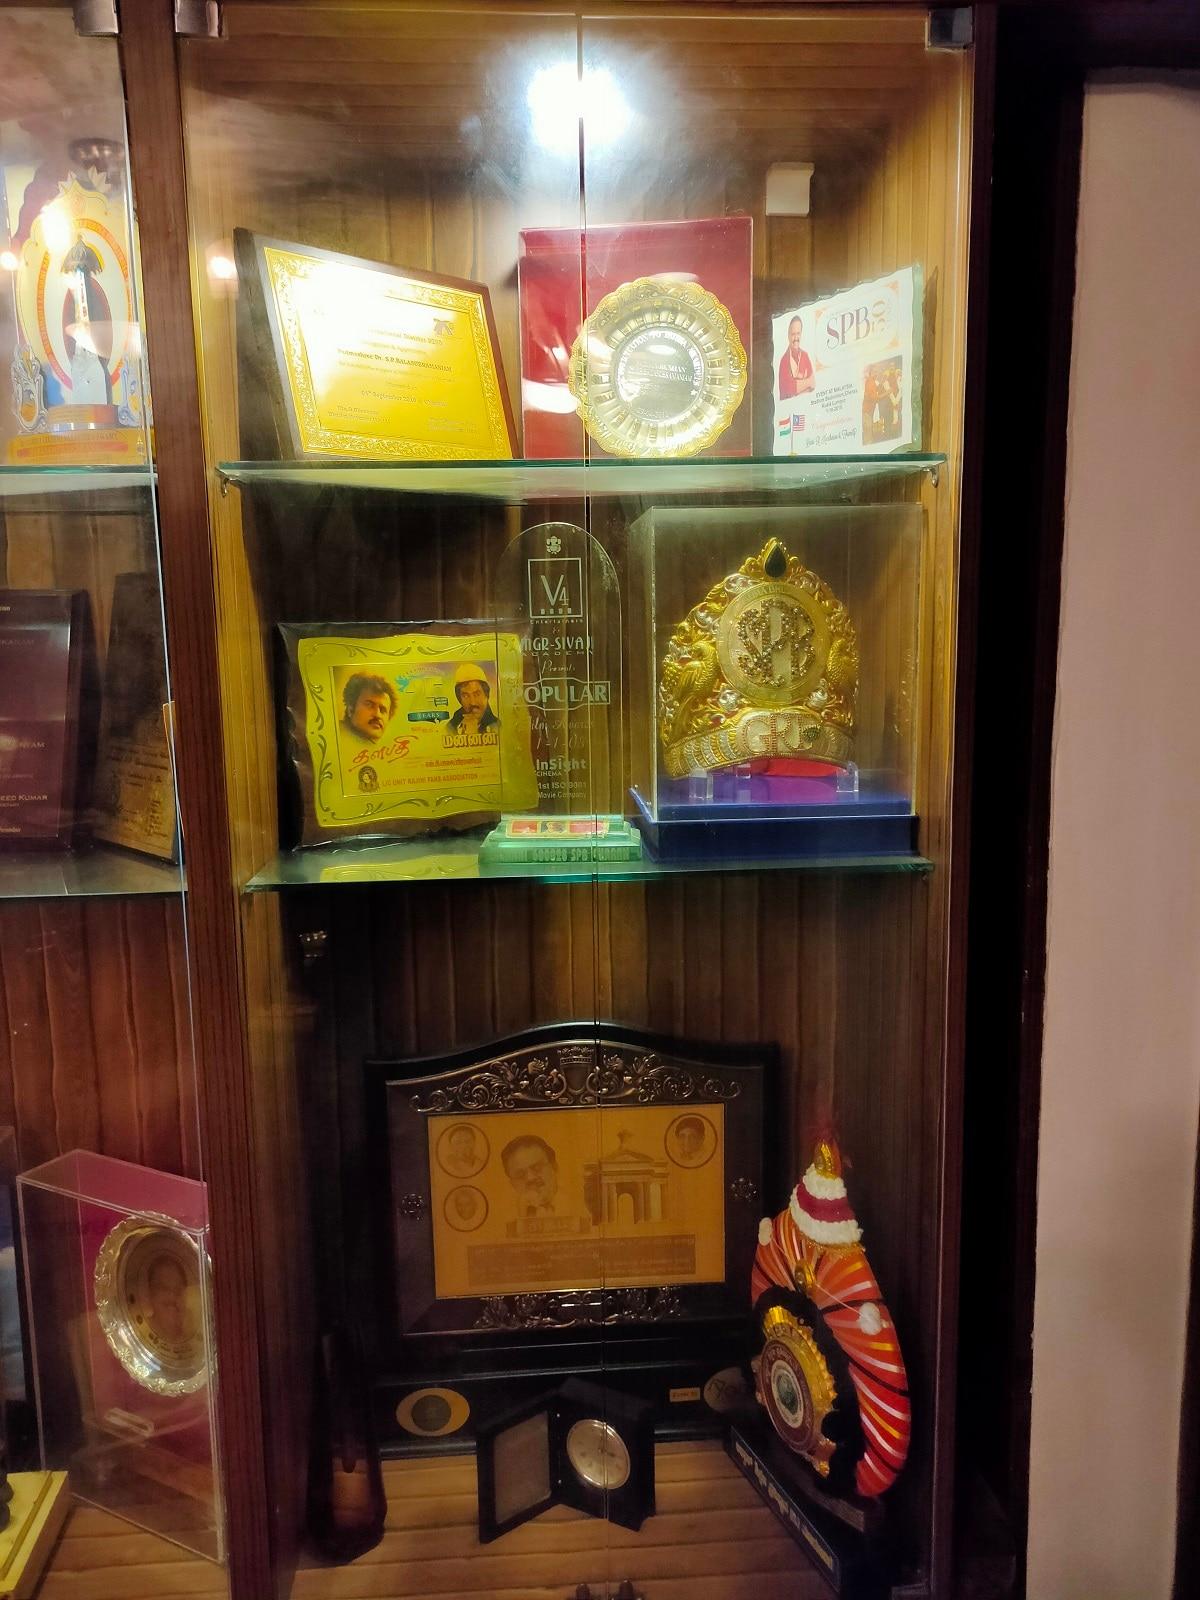 எஸ்.பி.பி.வீட்டின் தனி அறையில் வைக்கப்பட்டிருக்கும் விருதுகள்